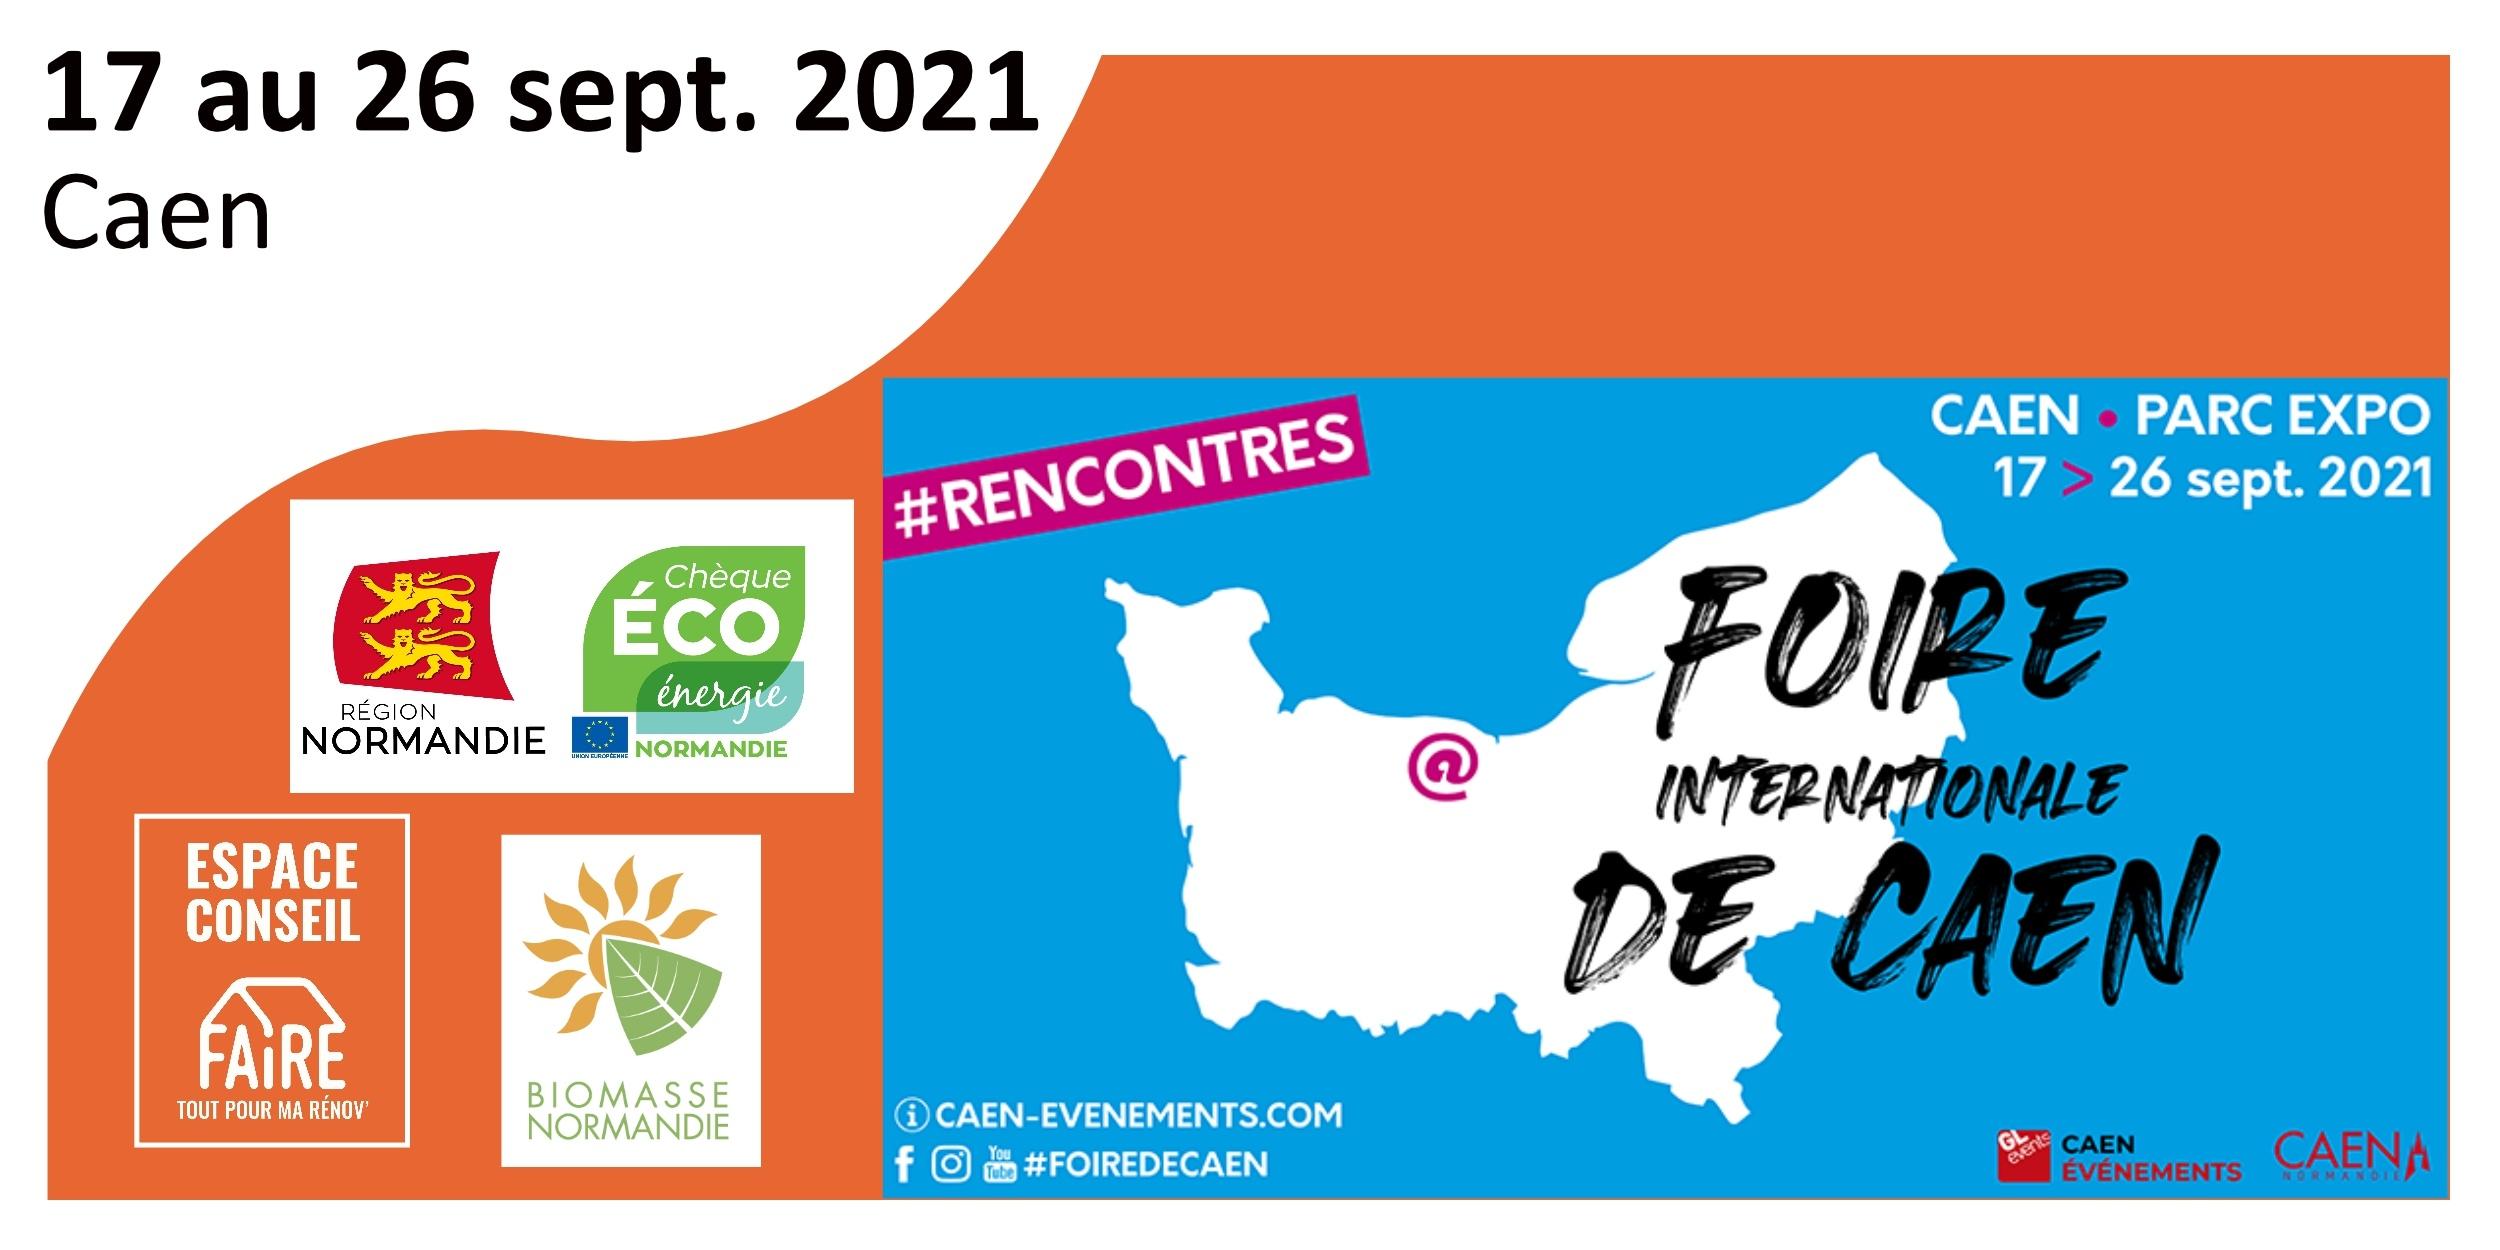 Foire de Caen - Espace Conseil FAIRE